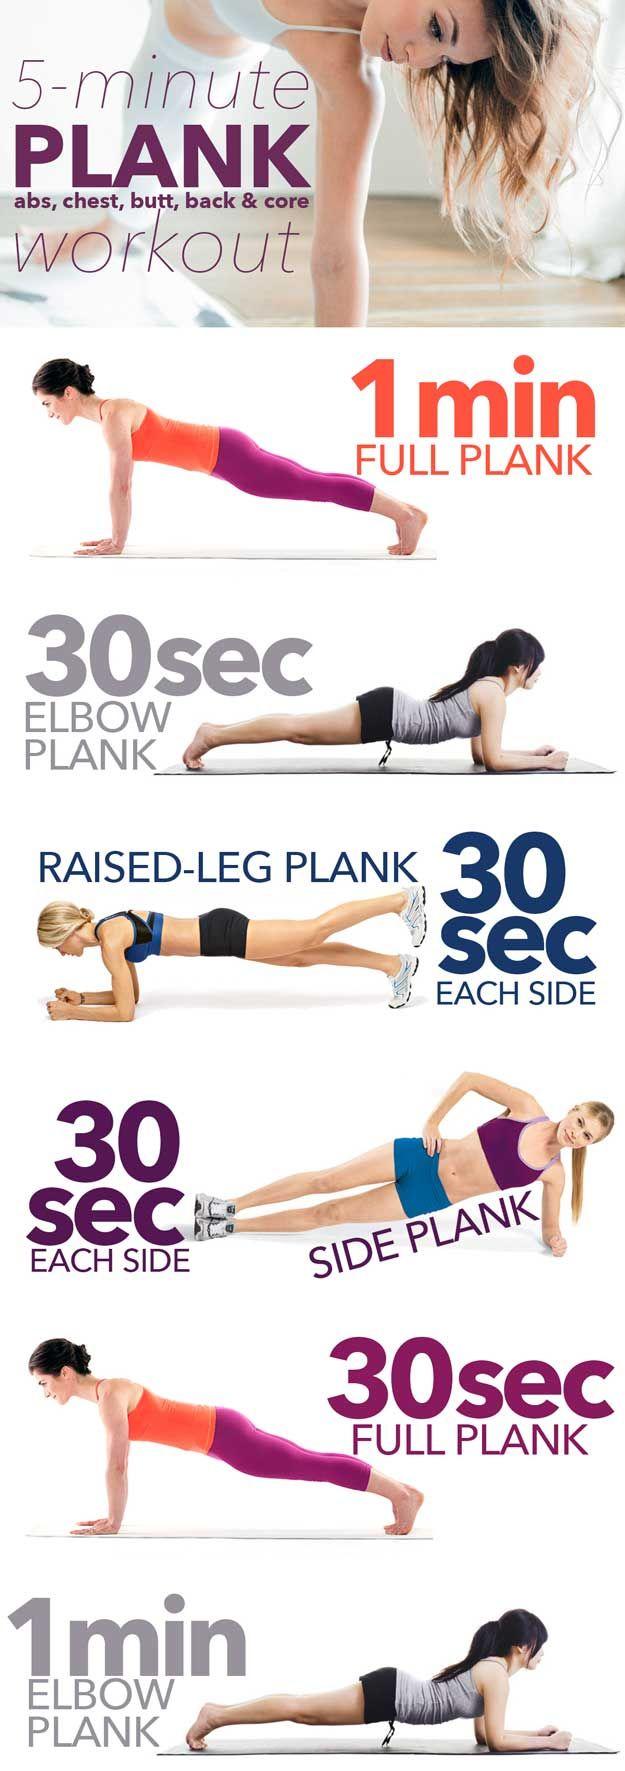 5-Minute Plank allenamento |  14 Migliori allenamenti fitness per testa ai piedi tonificante, lo controllo fuori a http://makeuptutorials.com/best-fitness-workouts-makeup-tutorials